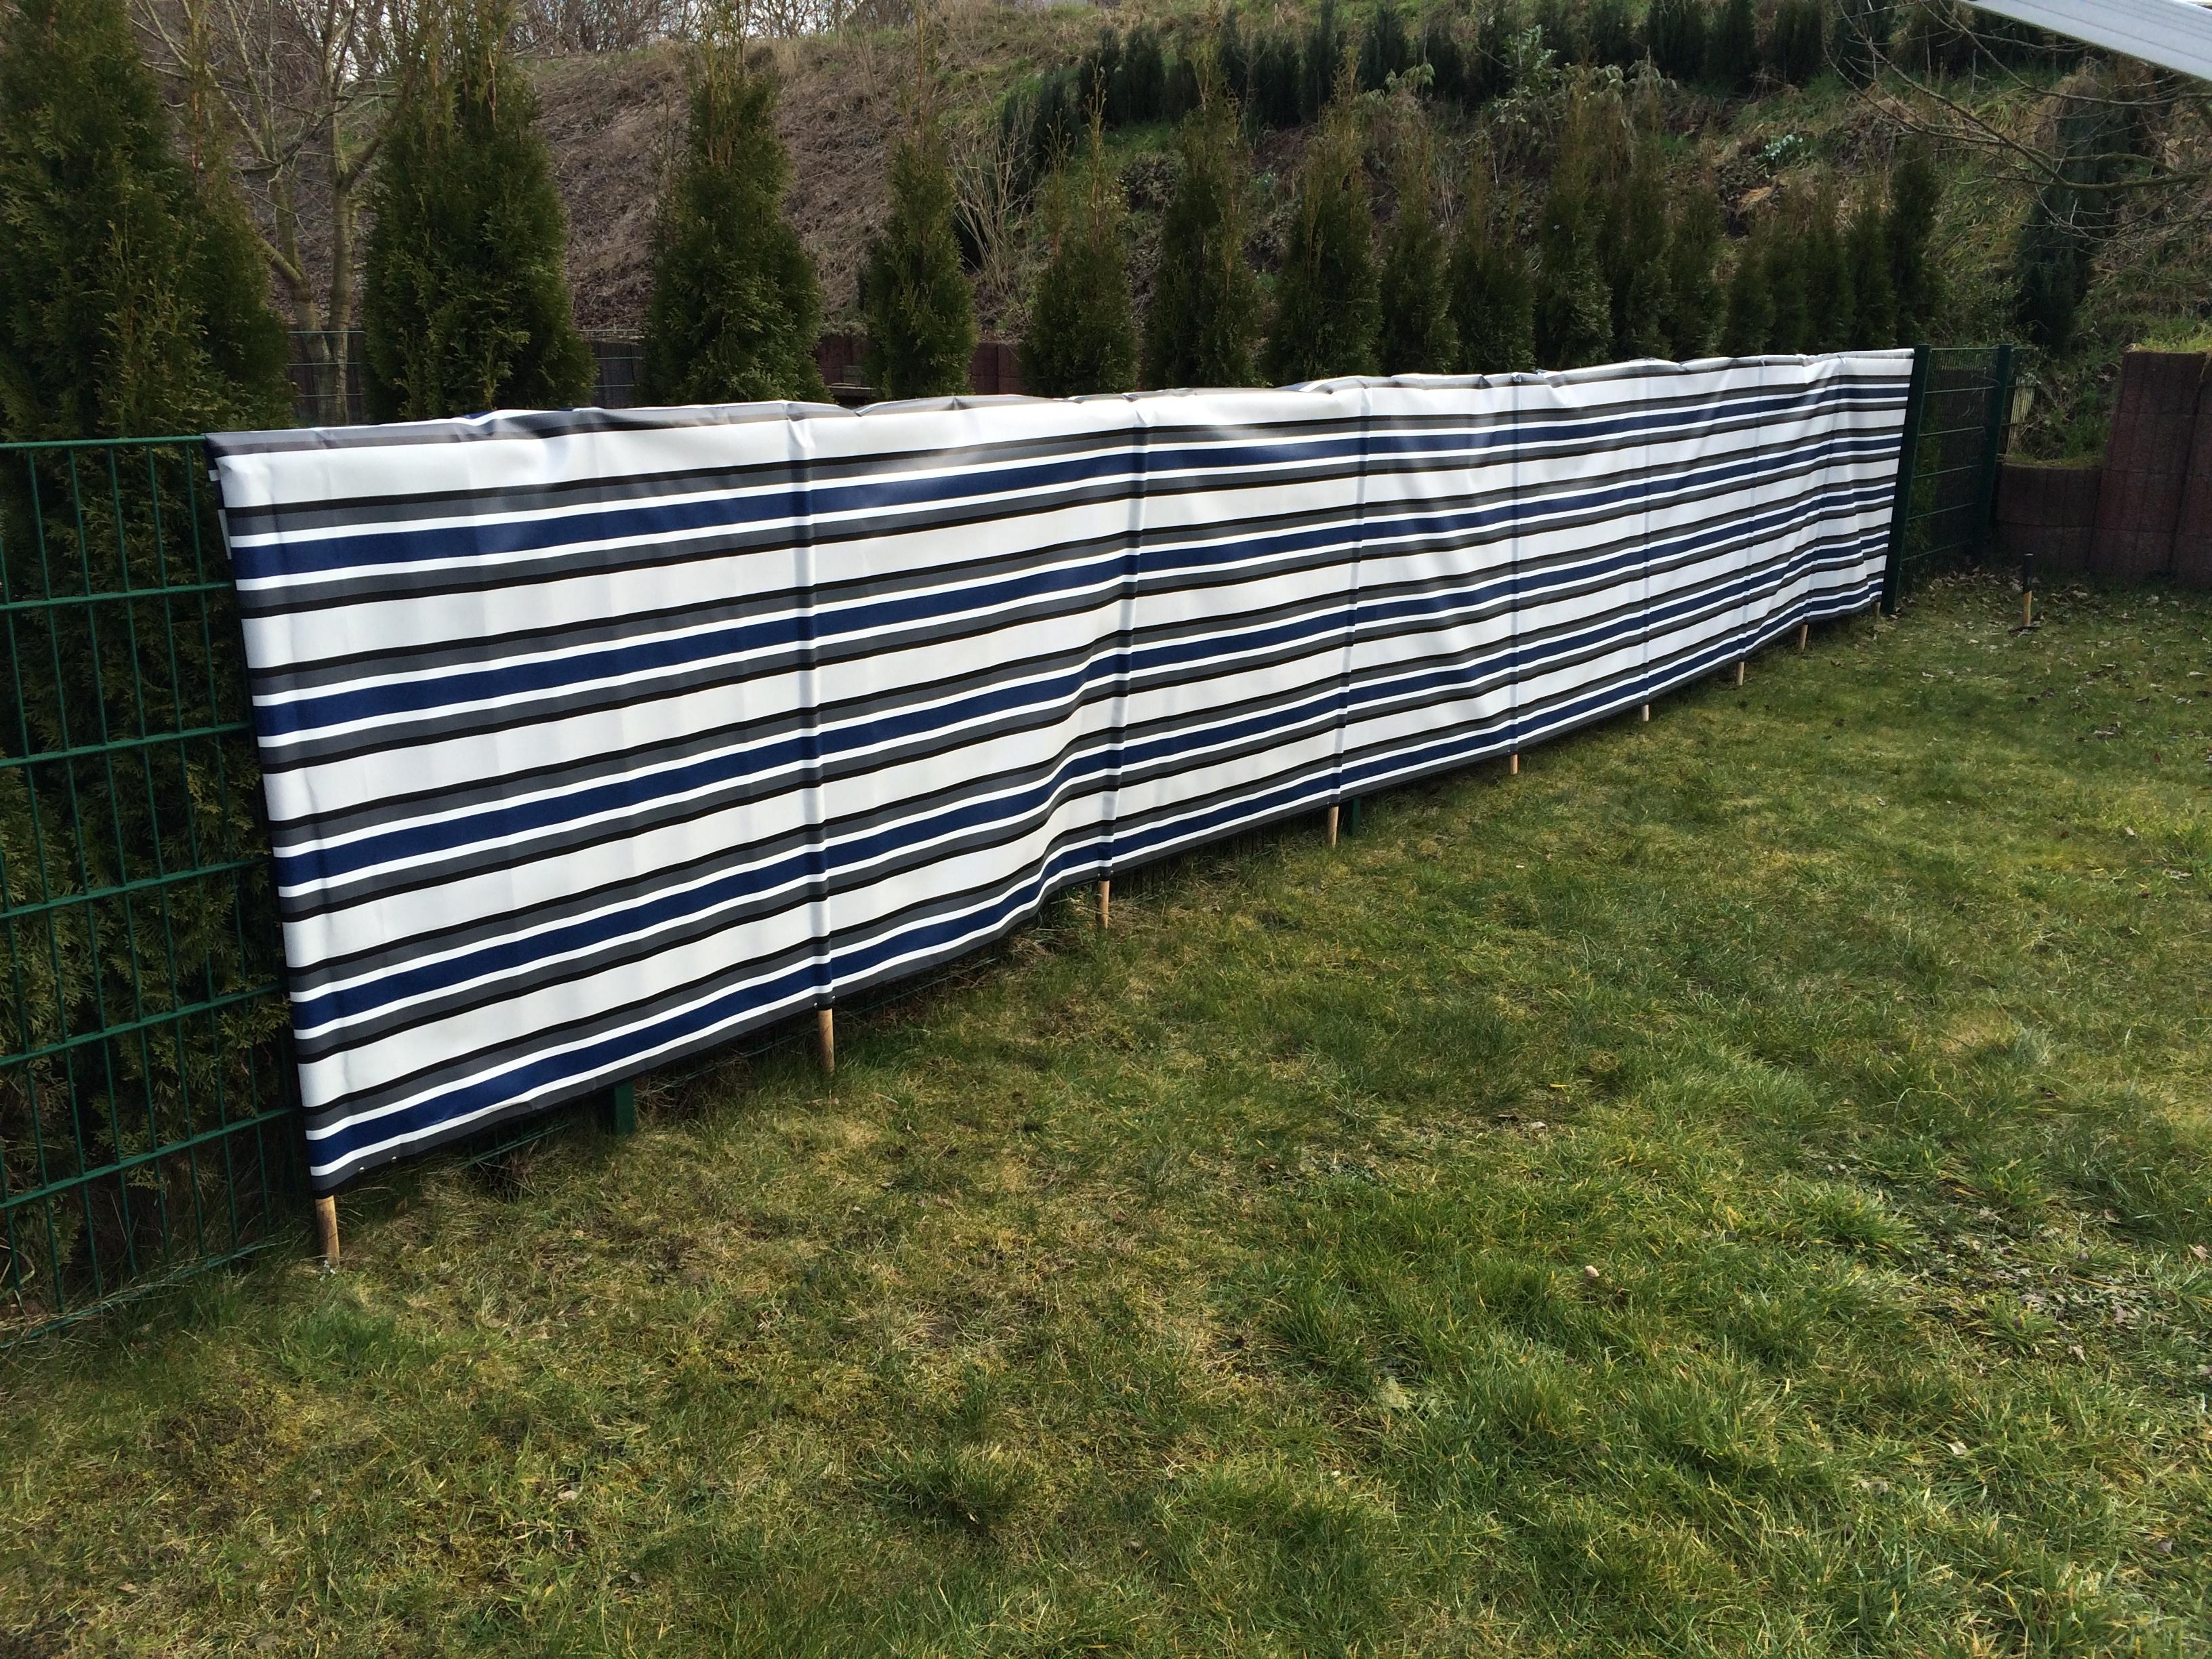 Sicht Und Windschutz Mit Planenstoffe Planteam